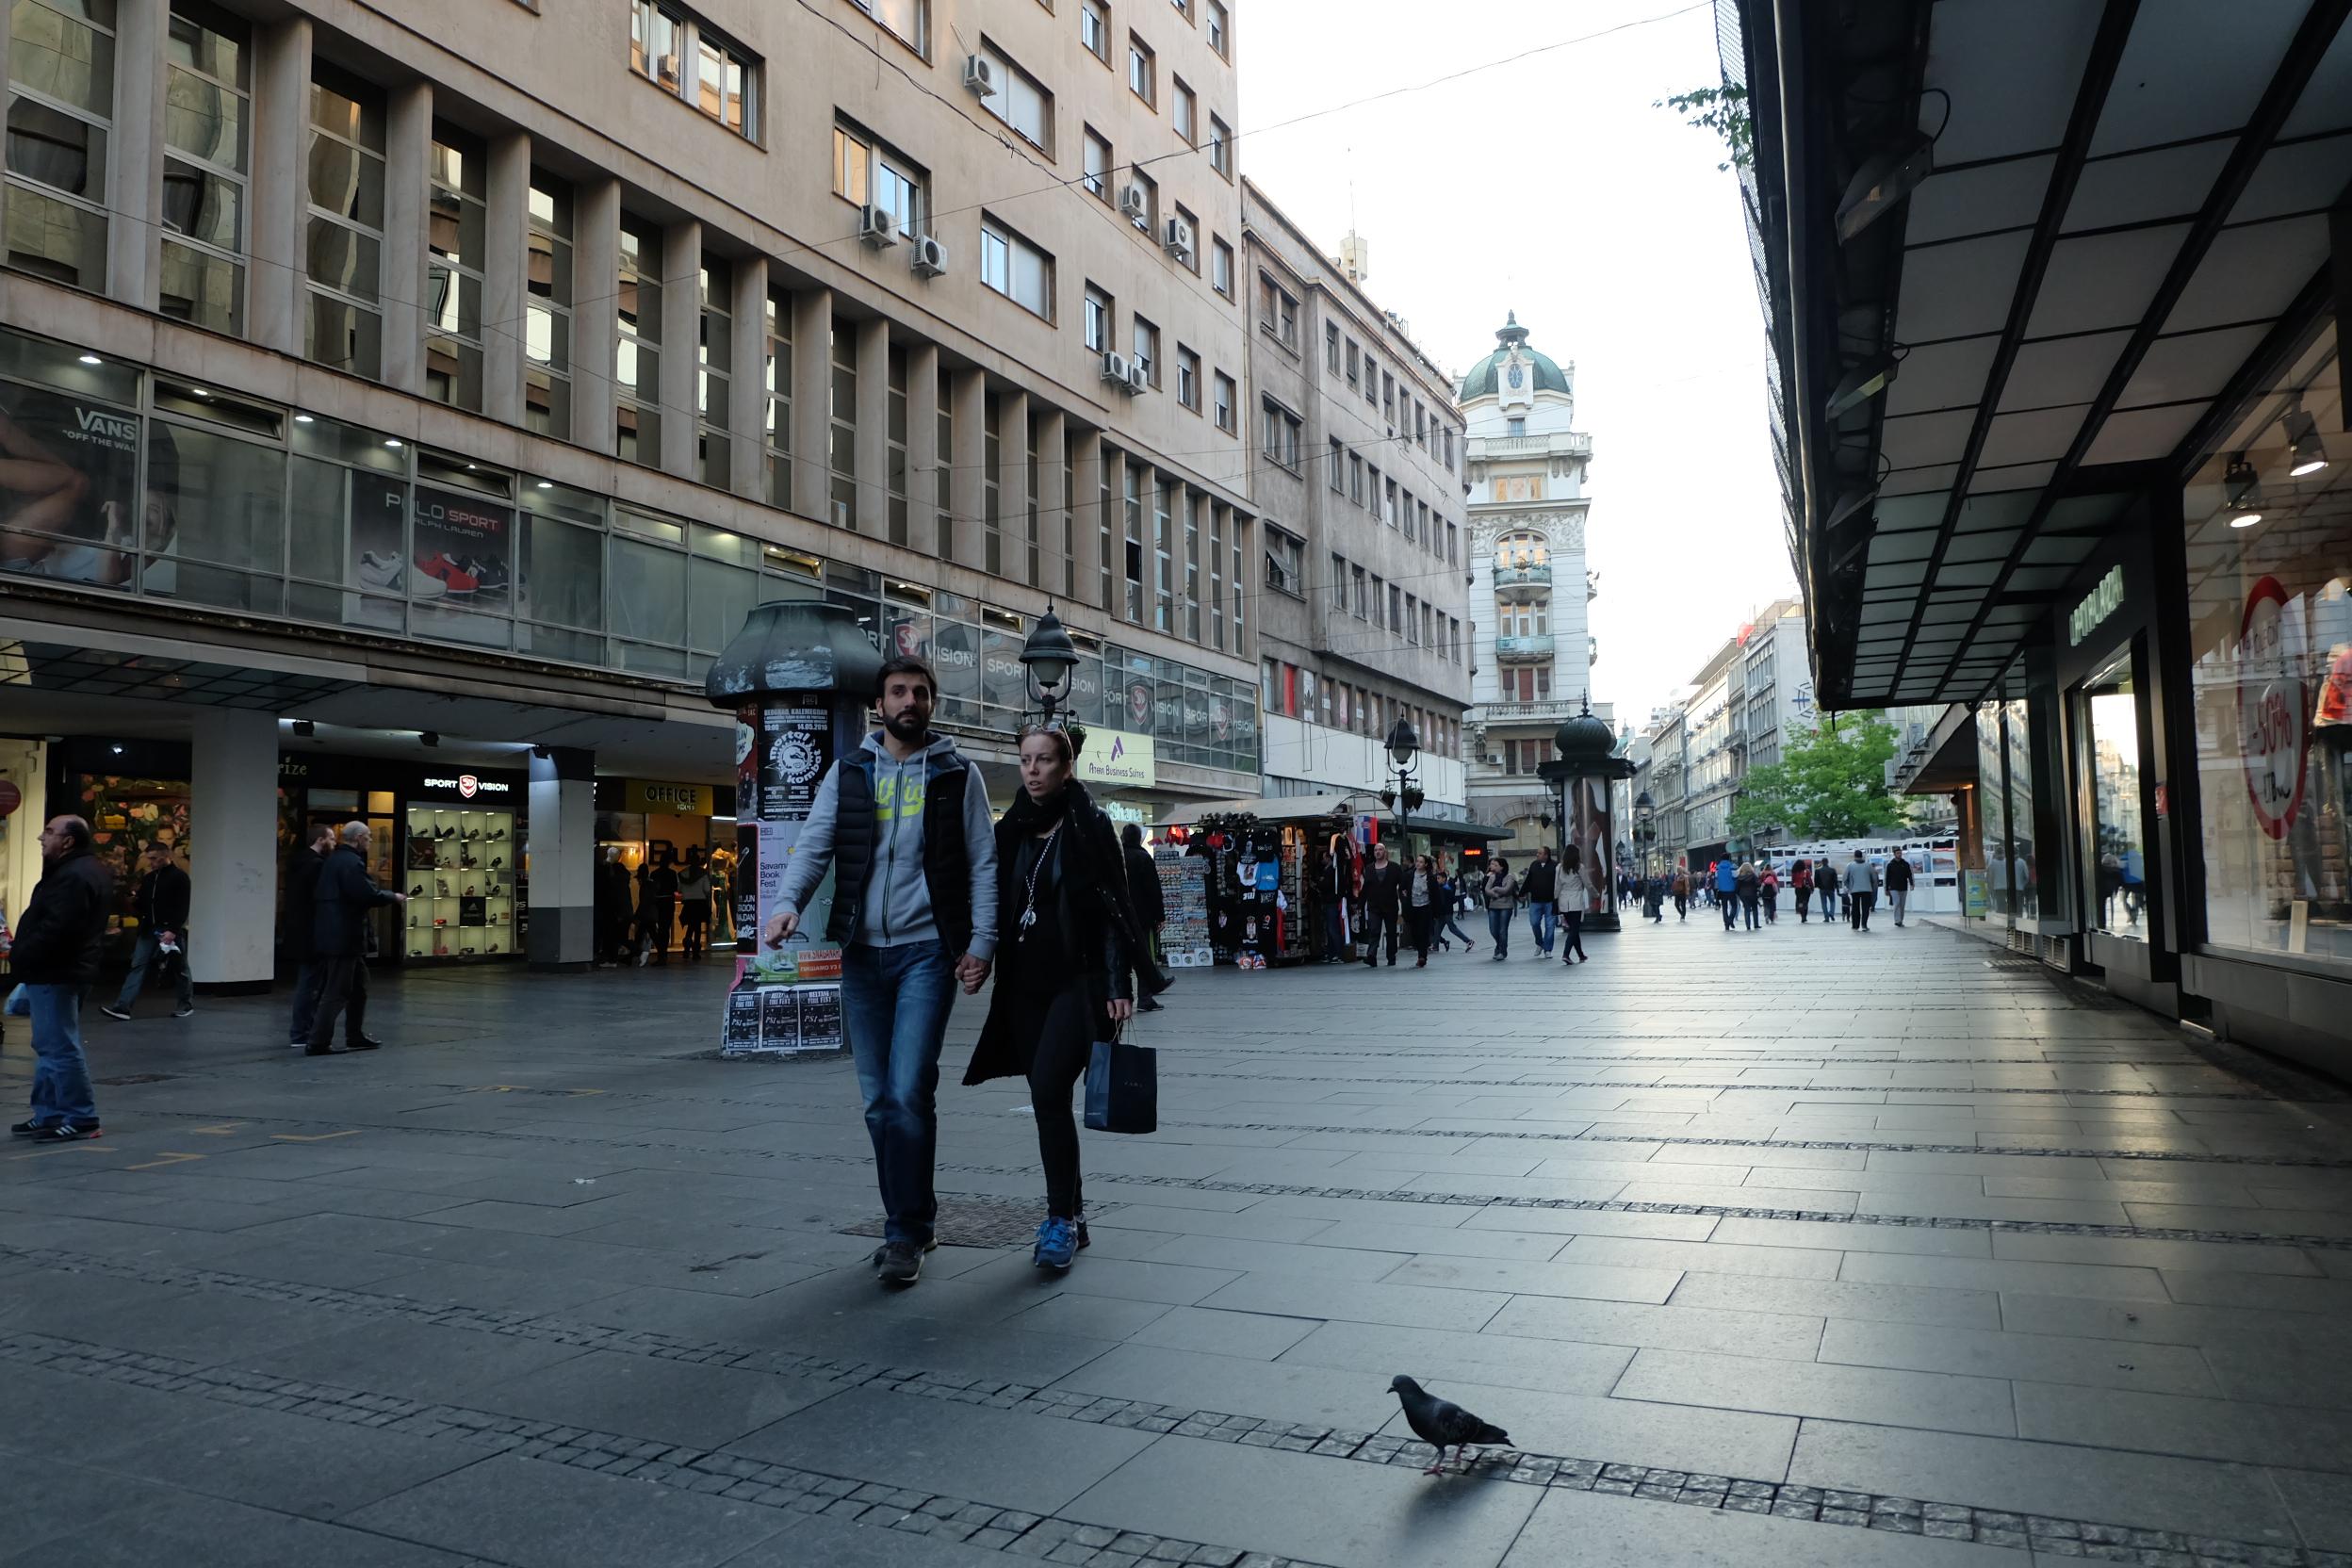 塞尔维亚的吉祥三宝:美女、帅哥、Kafana! - 达人J - 达人J · 365乐游日记